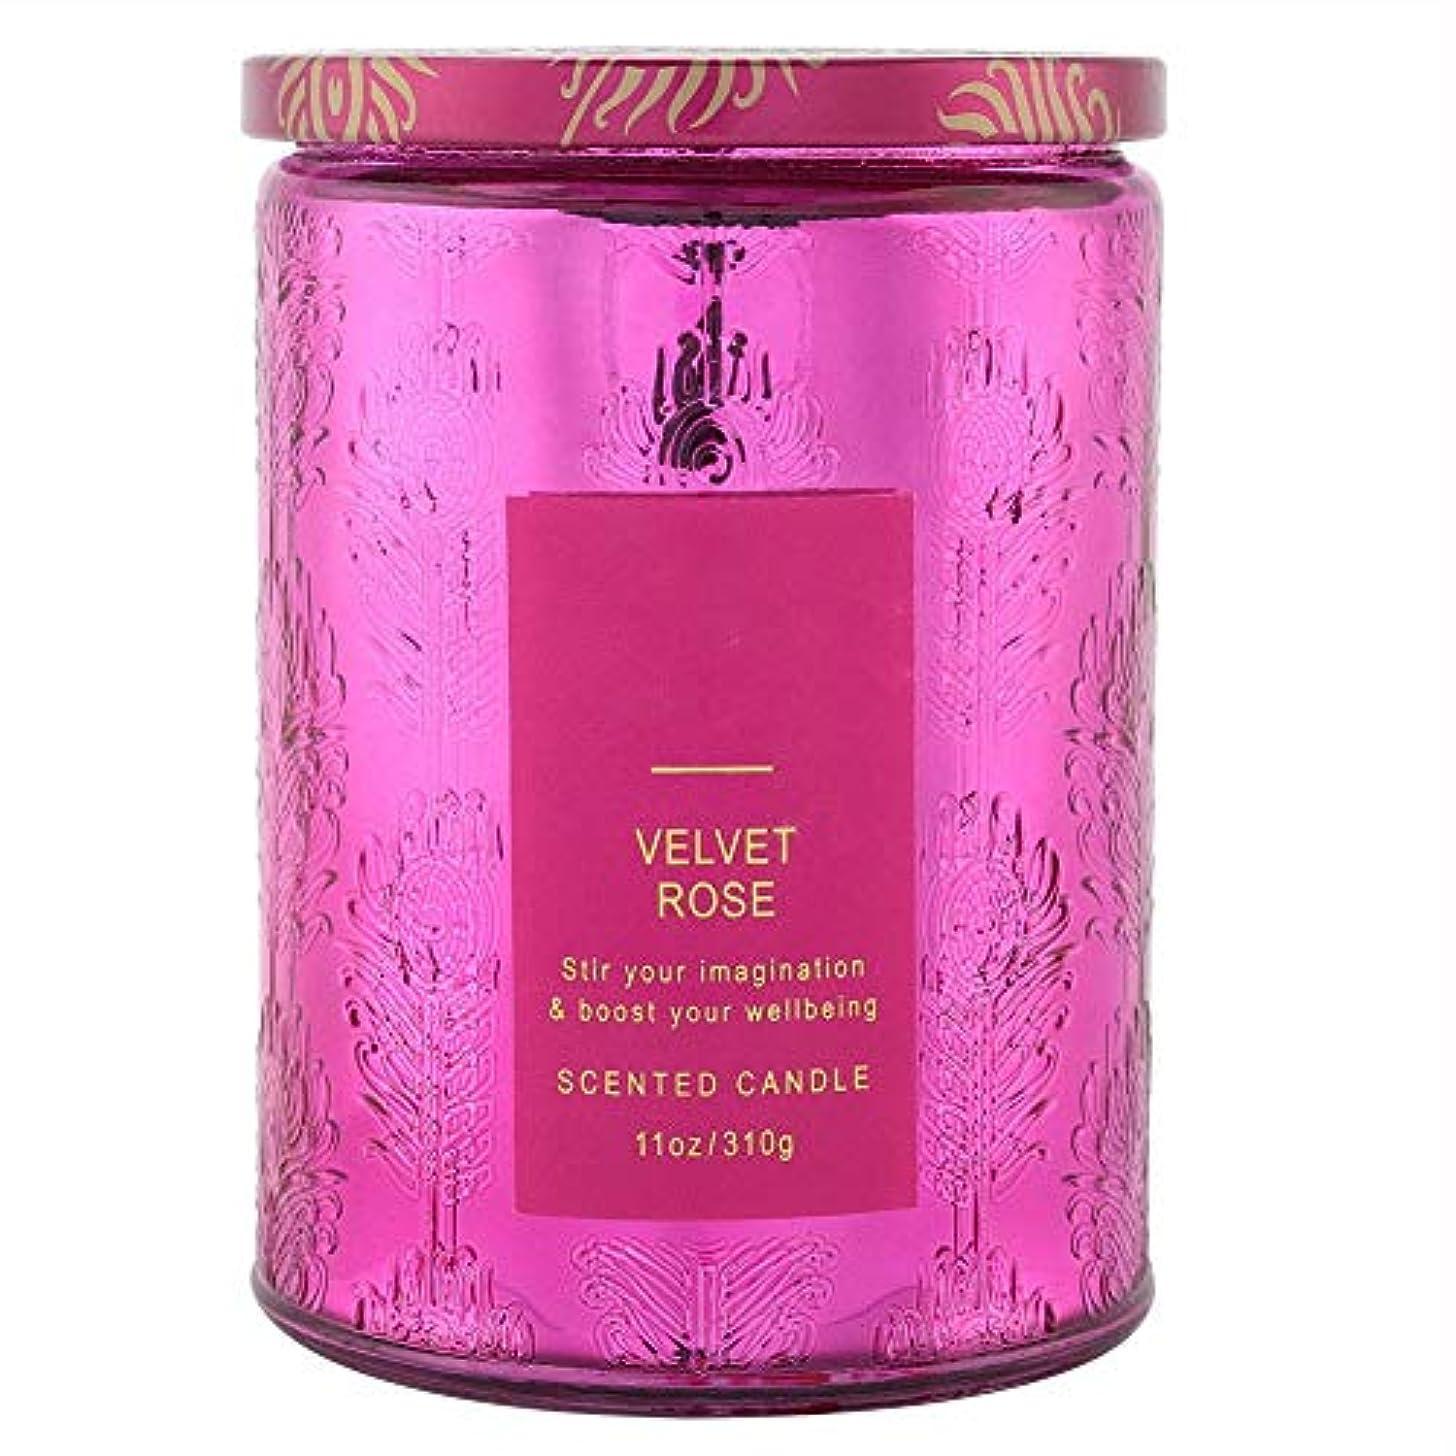 セレナ周波数自治的繊細な香りのキャンドル、透明なガラス瓶入りの甘い花の長続きするフレグランスワックス